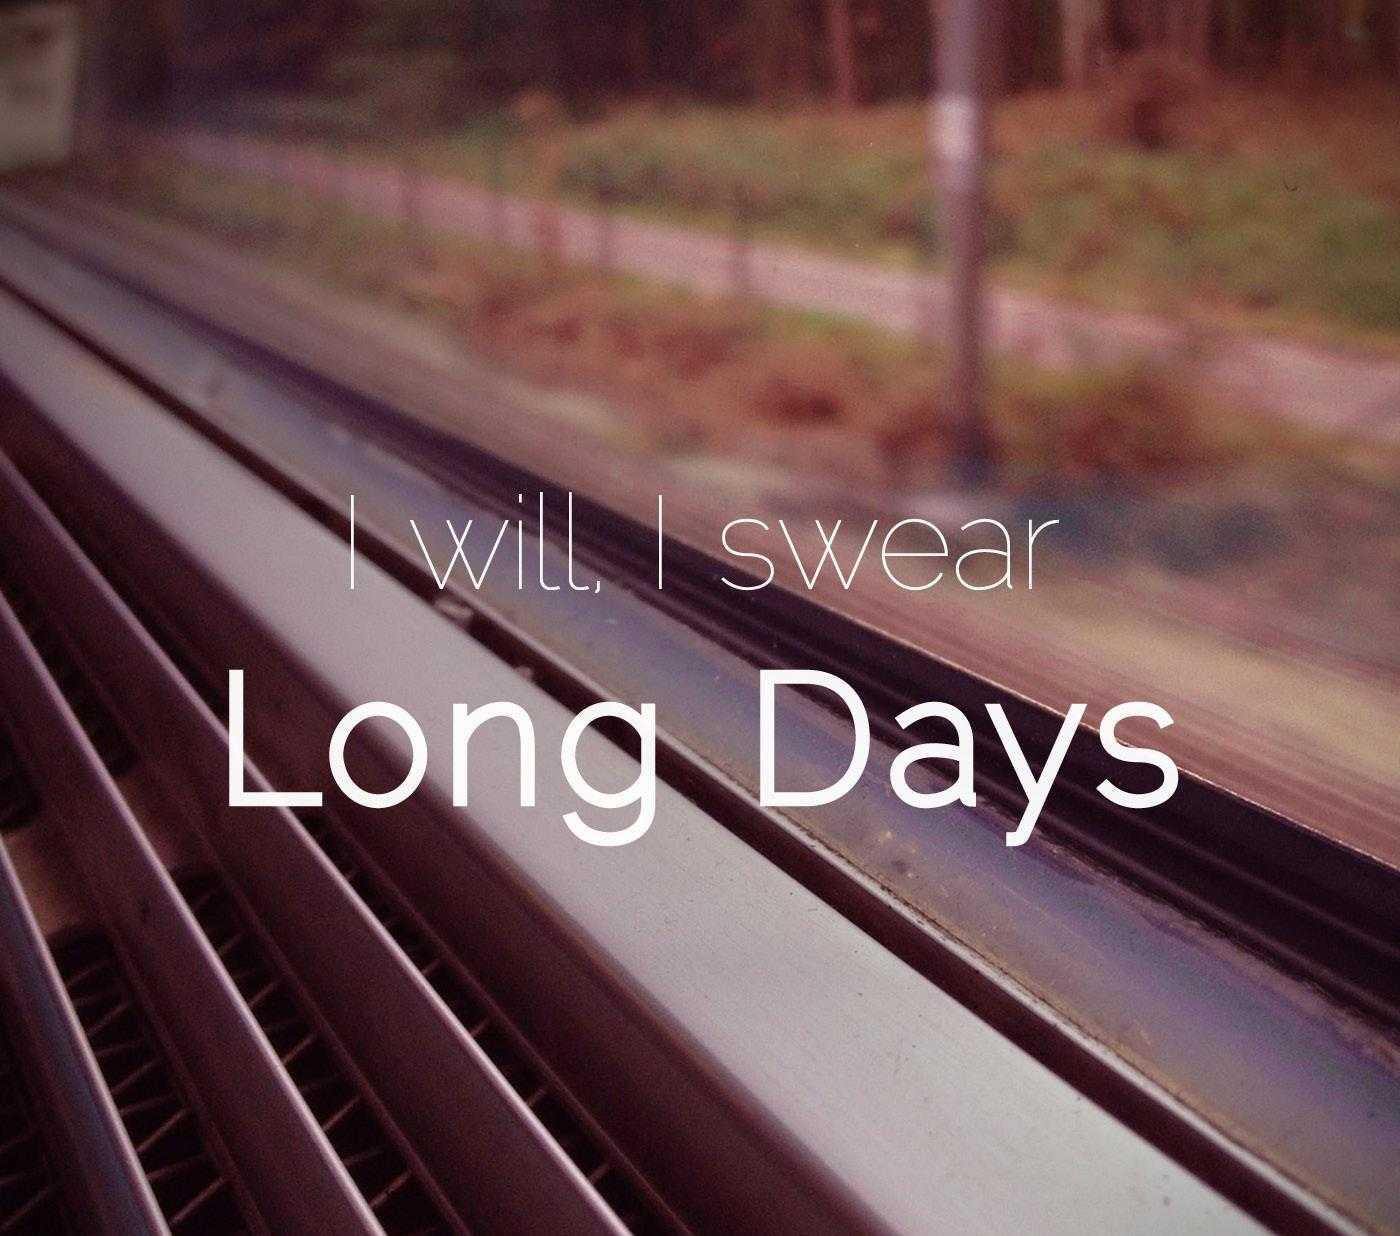 I will, I swear: Long Days